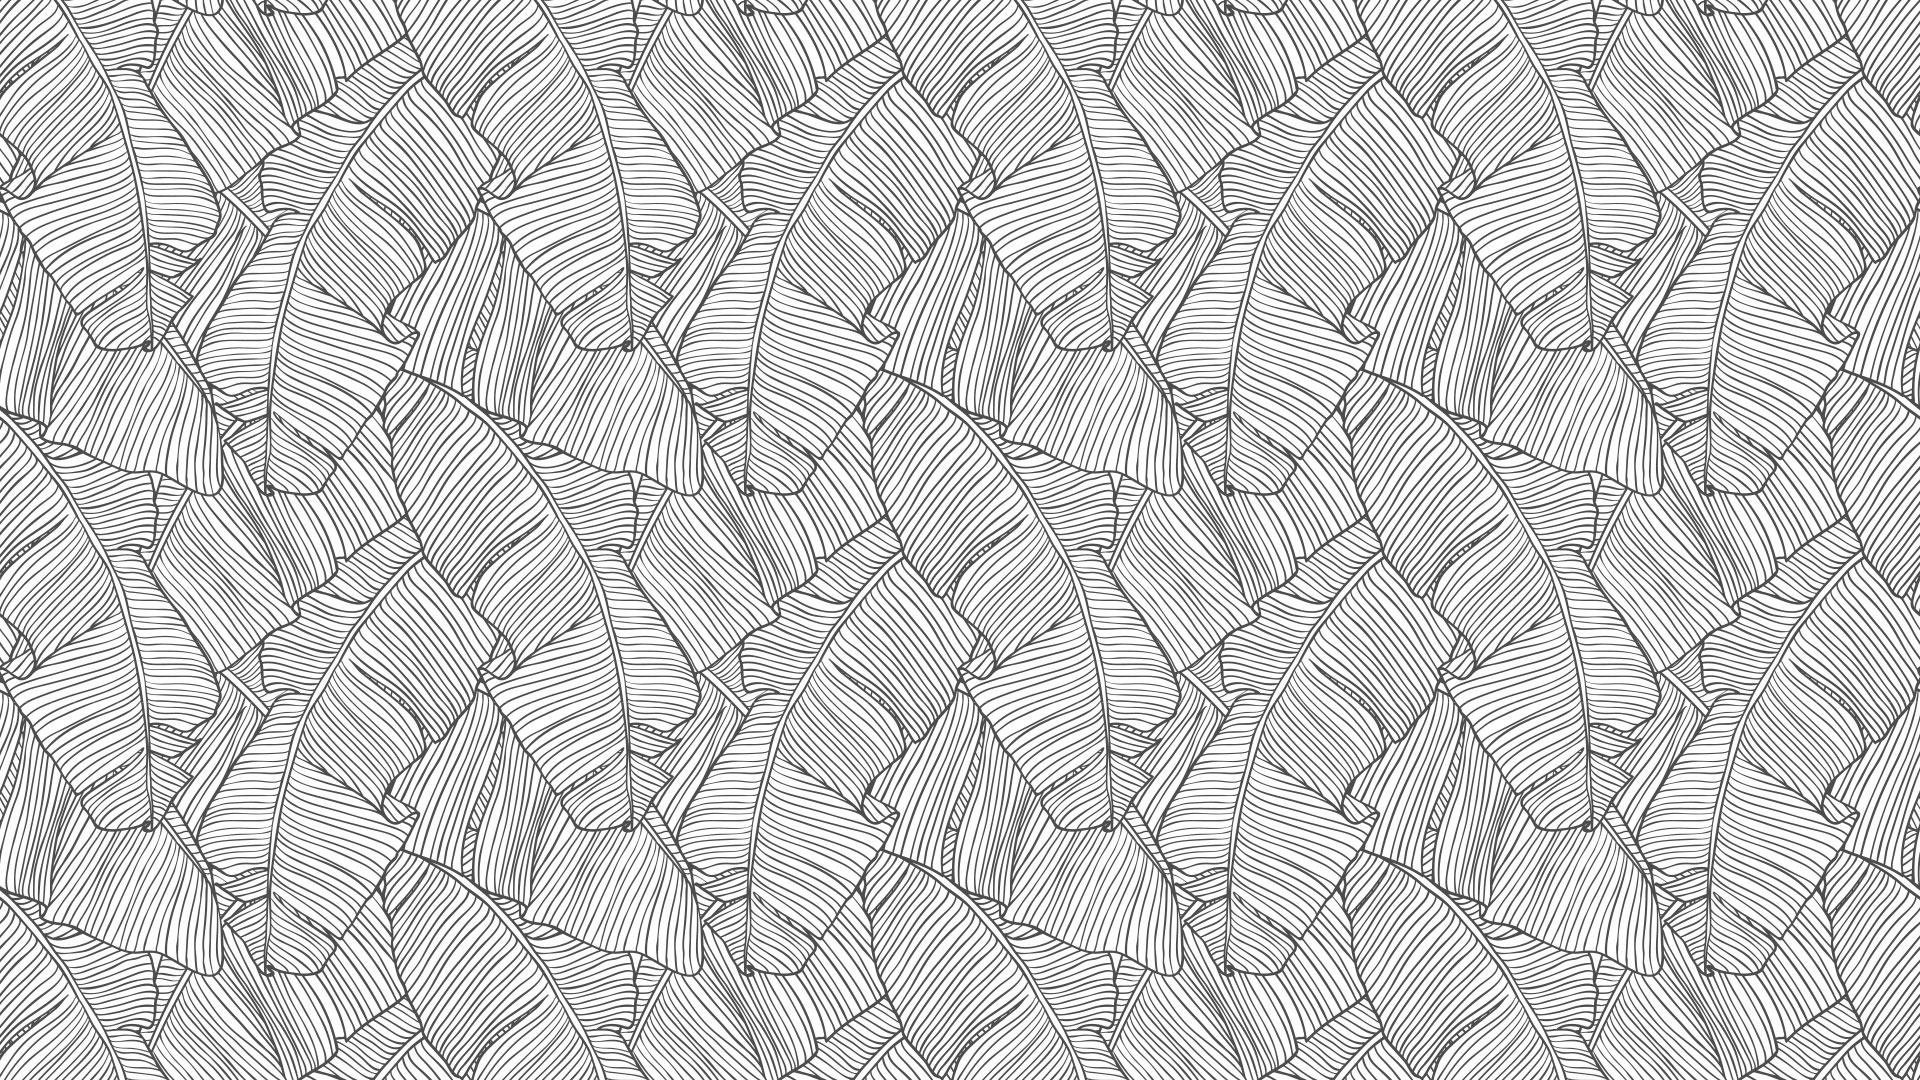 Honey_yoga_pattern.jpg